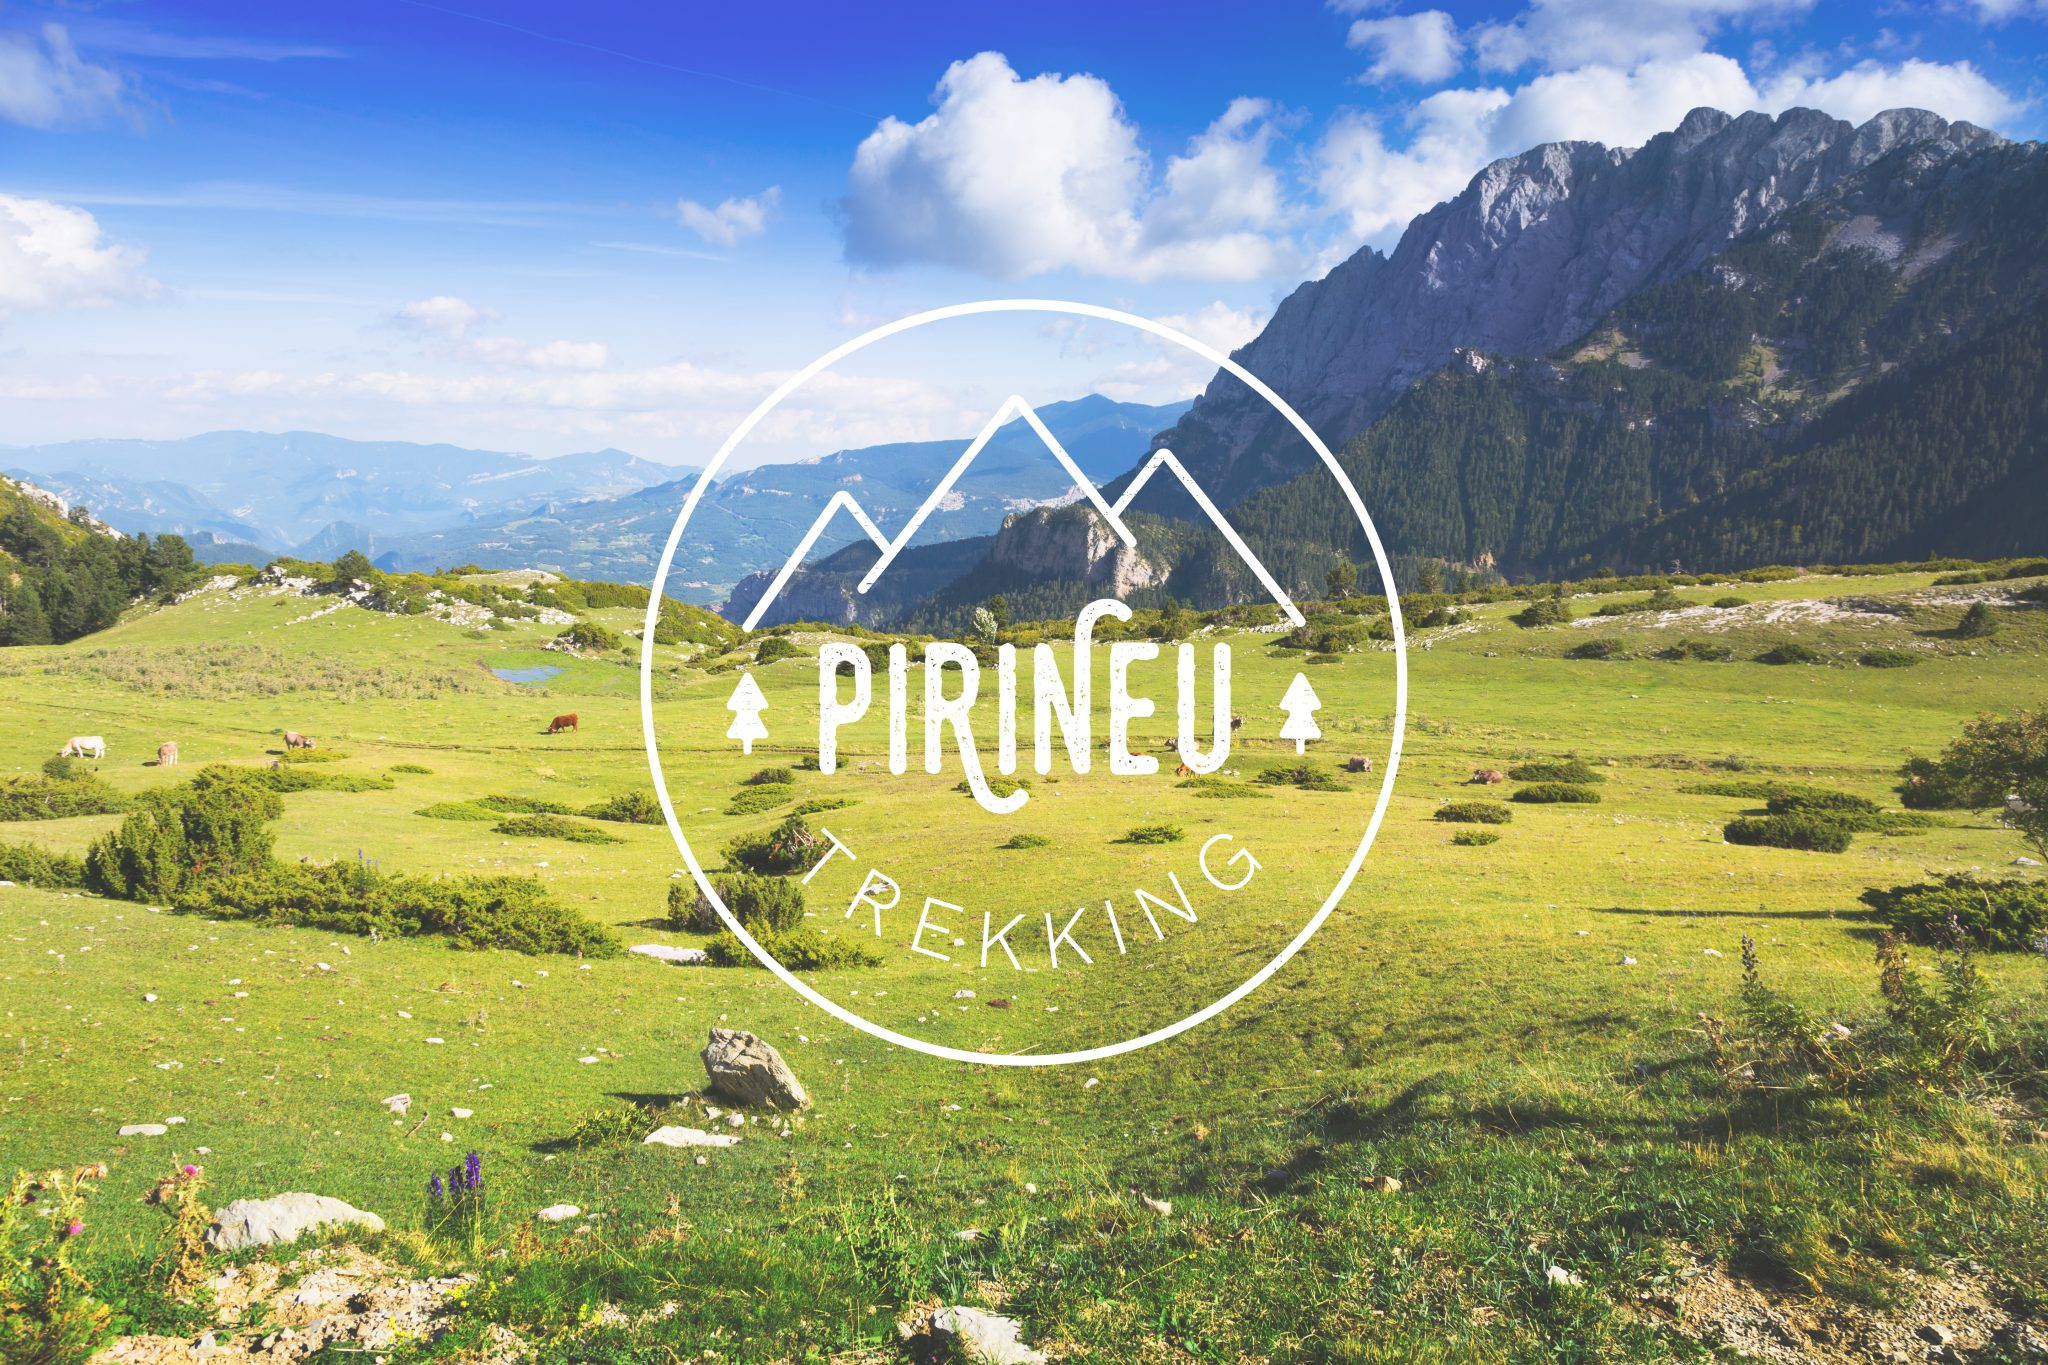 Pirineu Trekking